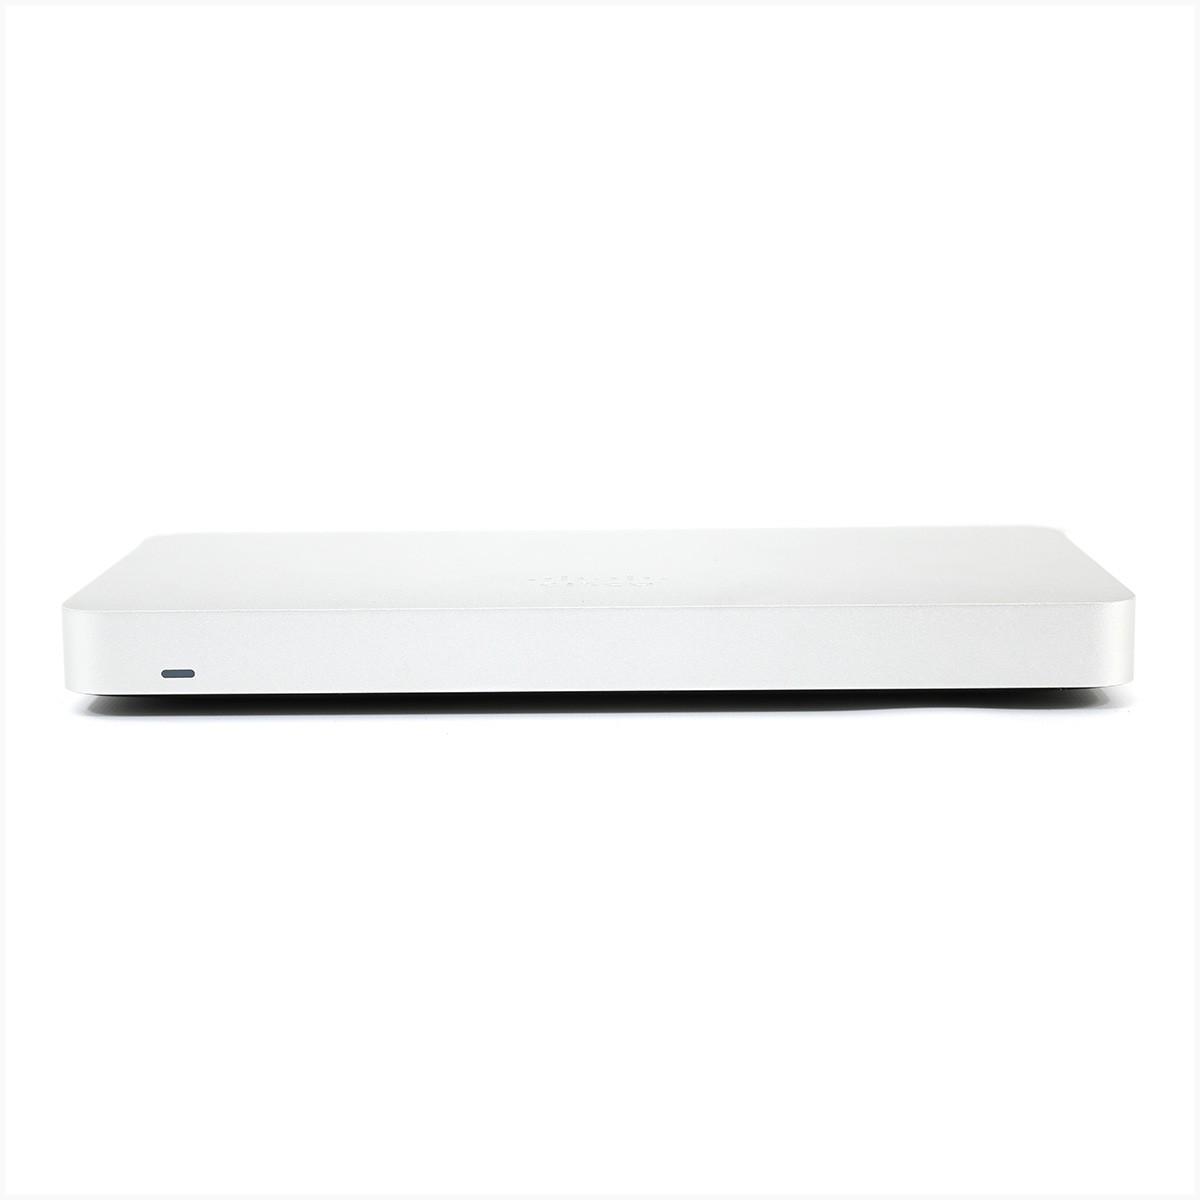 Appliance firewall meraki mx65 - usado